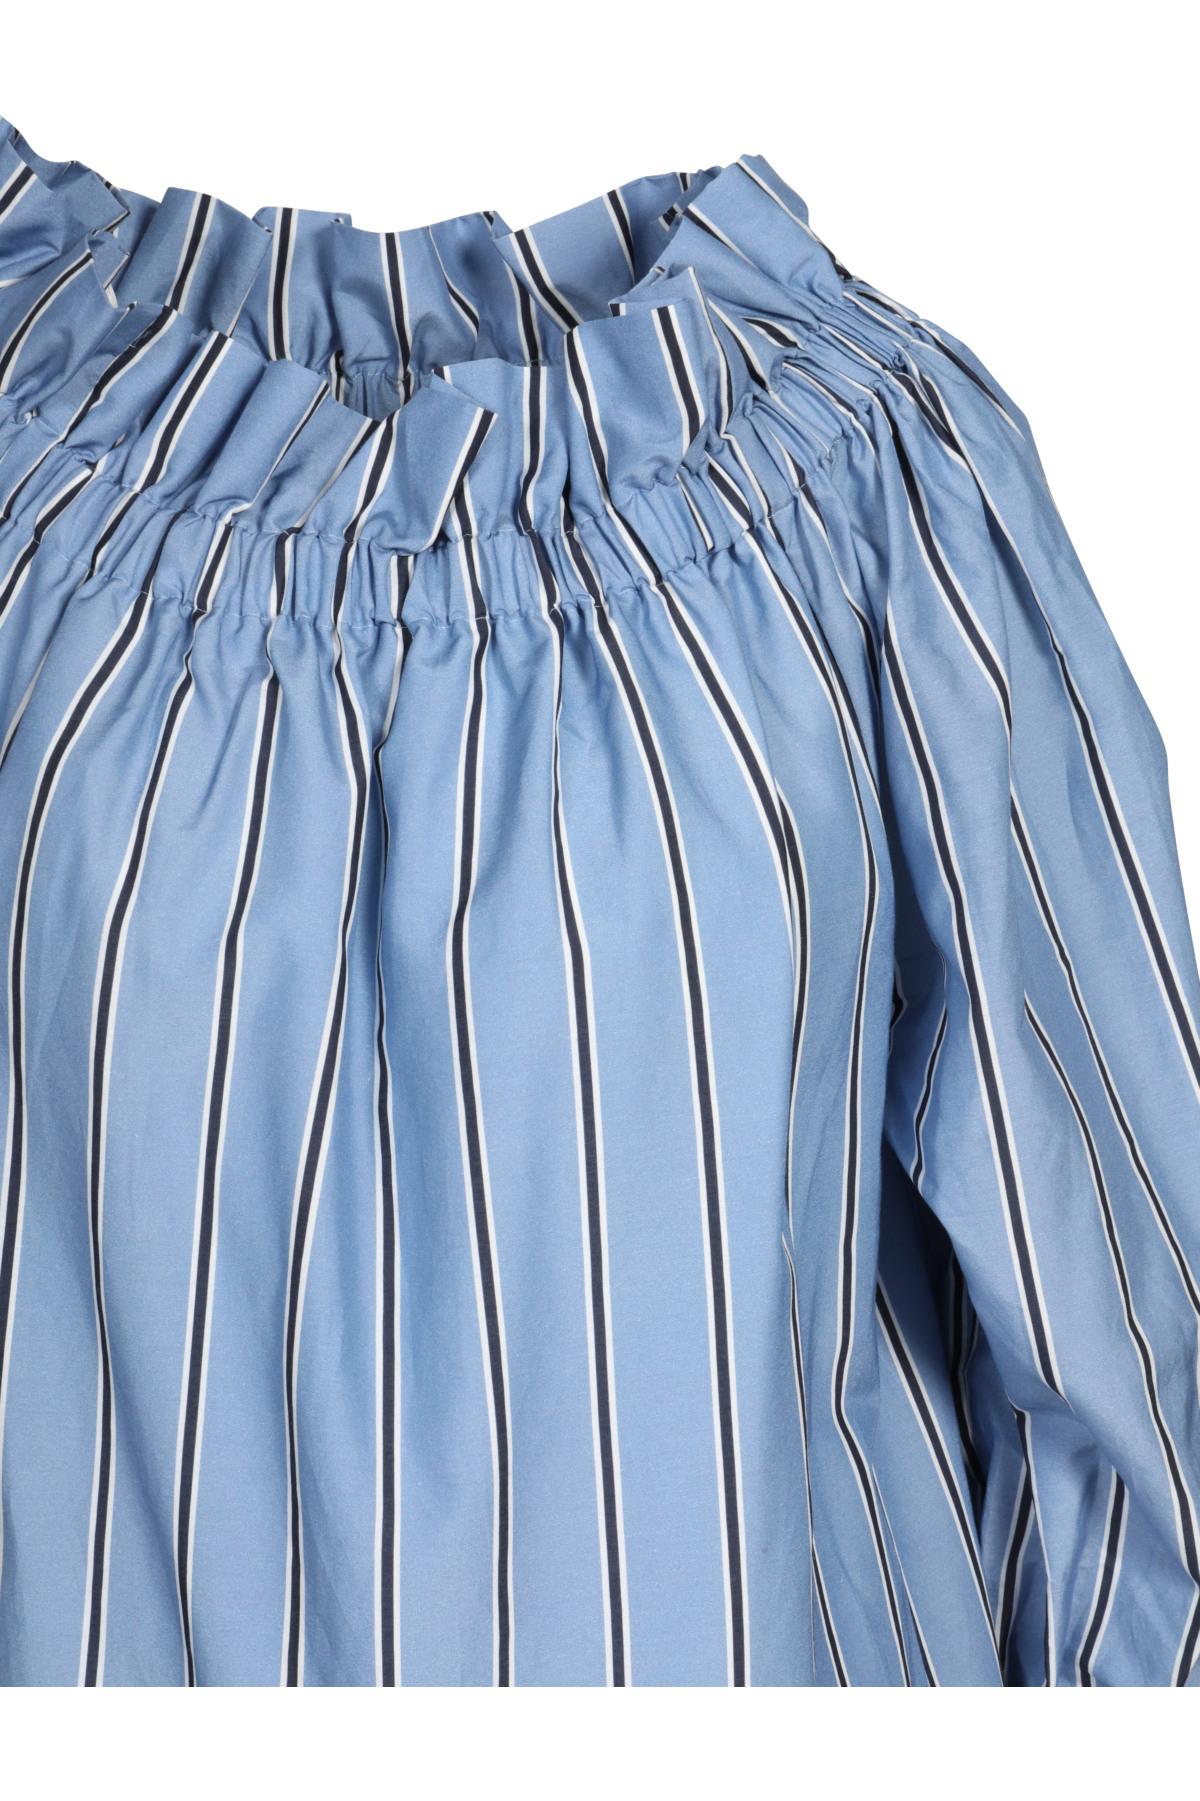 Iheart Kleid Mit Seide In Hellblau Gestreift 430314